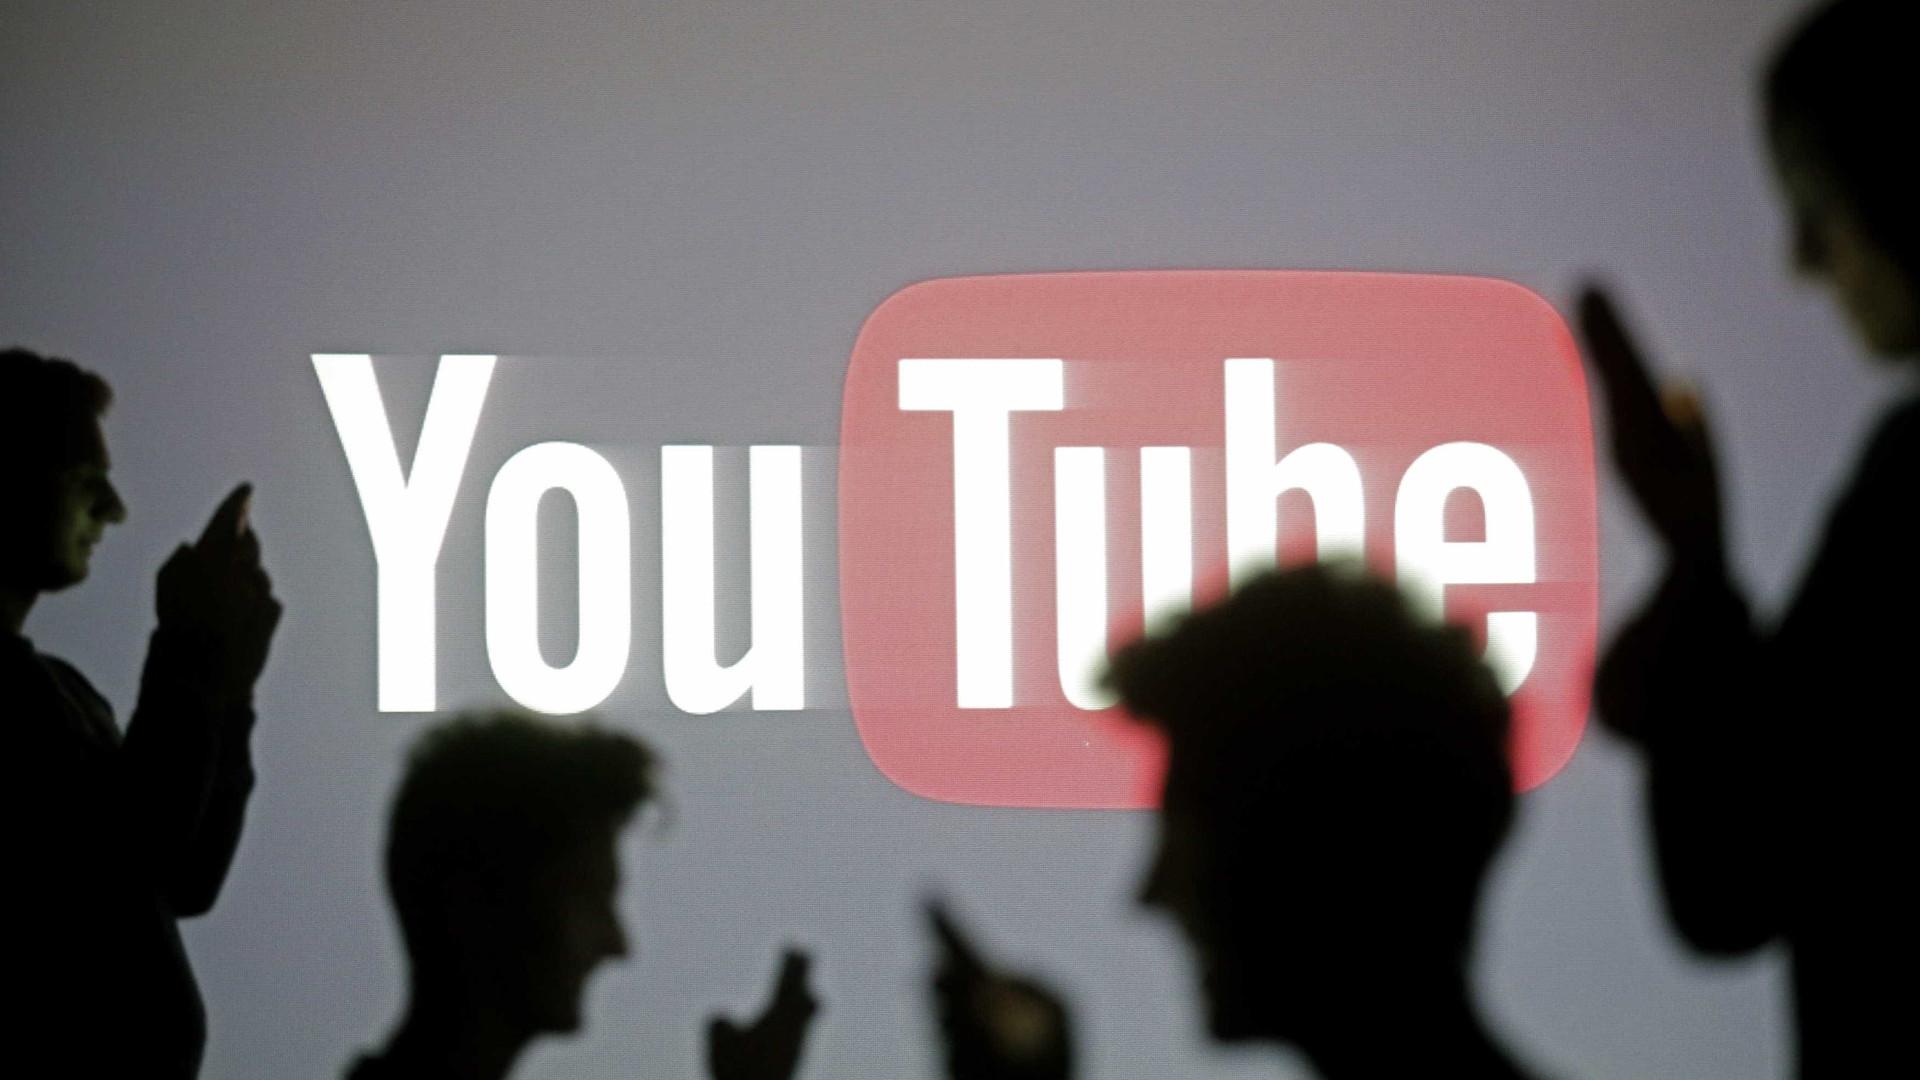 Youtube apaga vídeos do mais recente (e perigoso) desafio